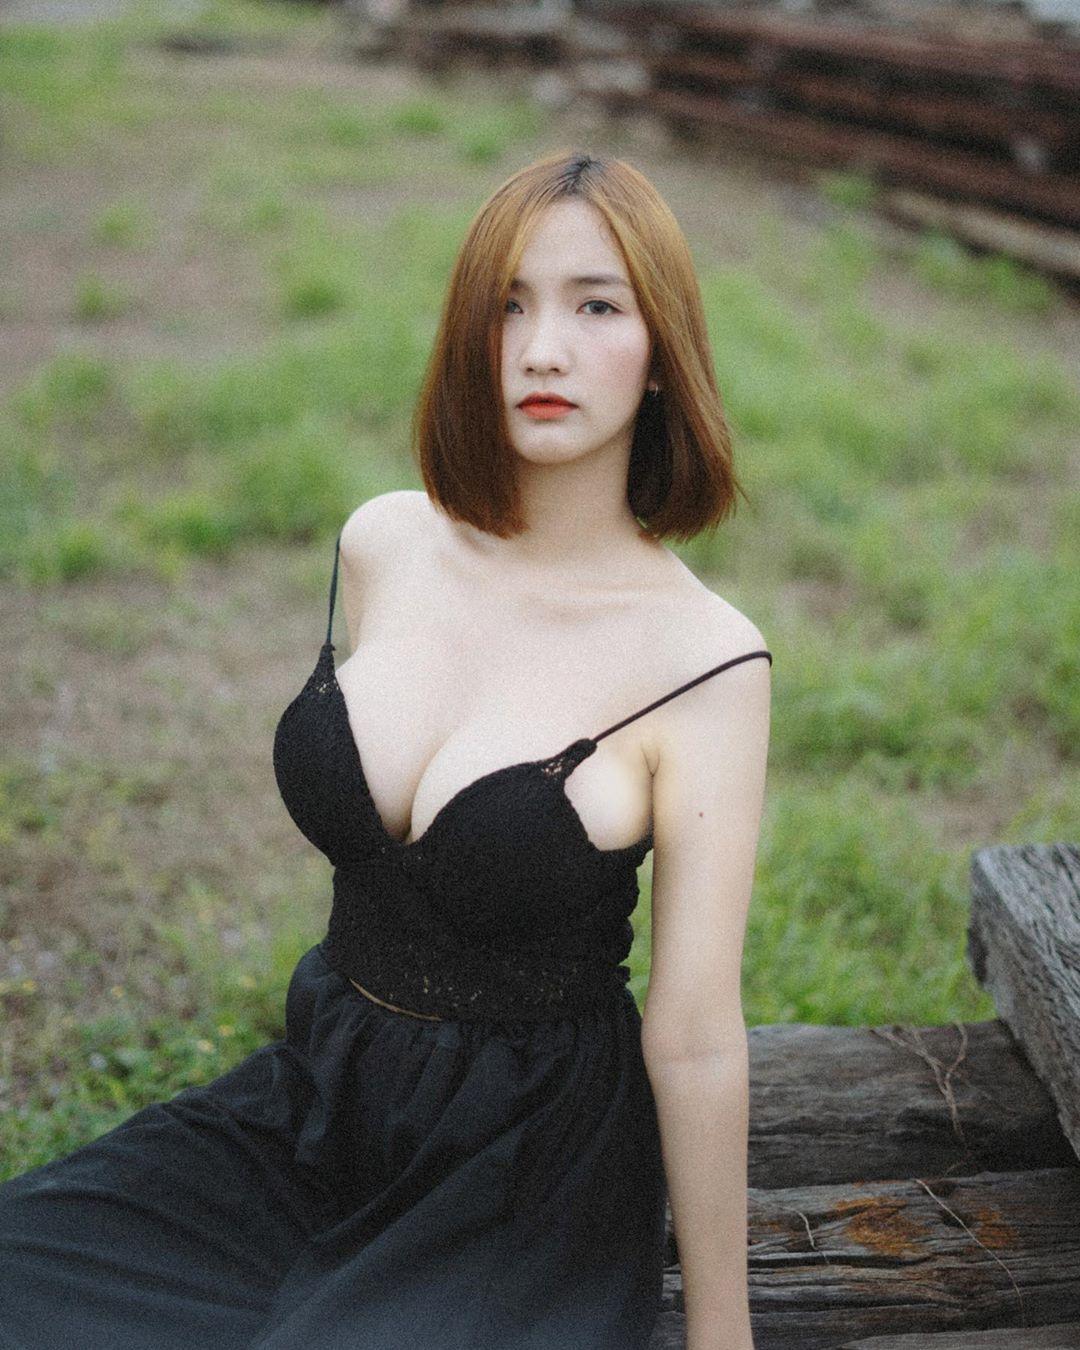 泰国童颜女主播紧身吊嘎低胸人深字沟清晰可见 男人文娱 热图3